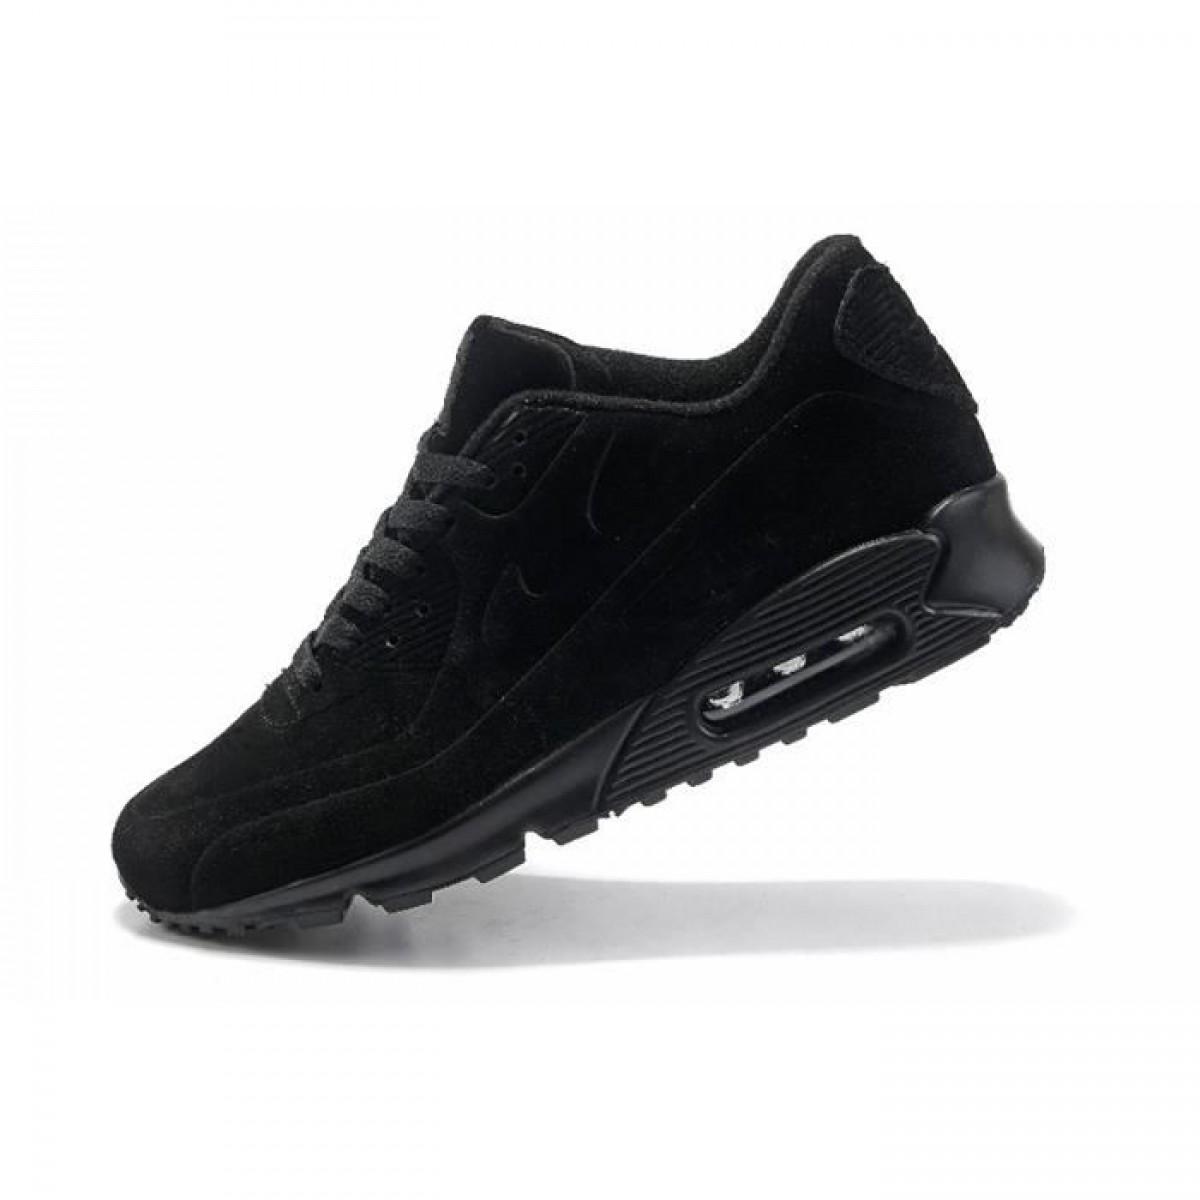 ced4c6e67c59b ... Jsatt Reduction Sold 566- Achat   Vente produits Nike Air Max 90 Femme  Noir,Nike Air Max 90 Femme ...